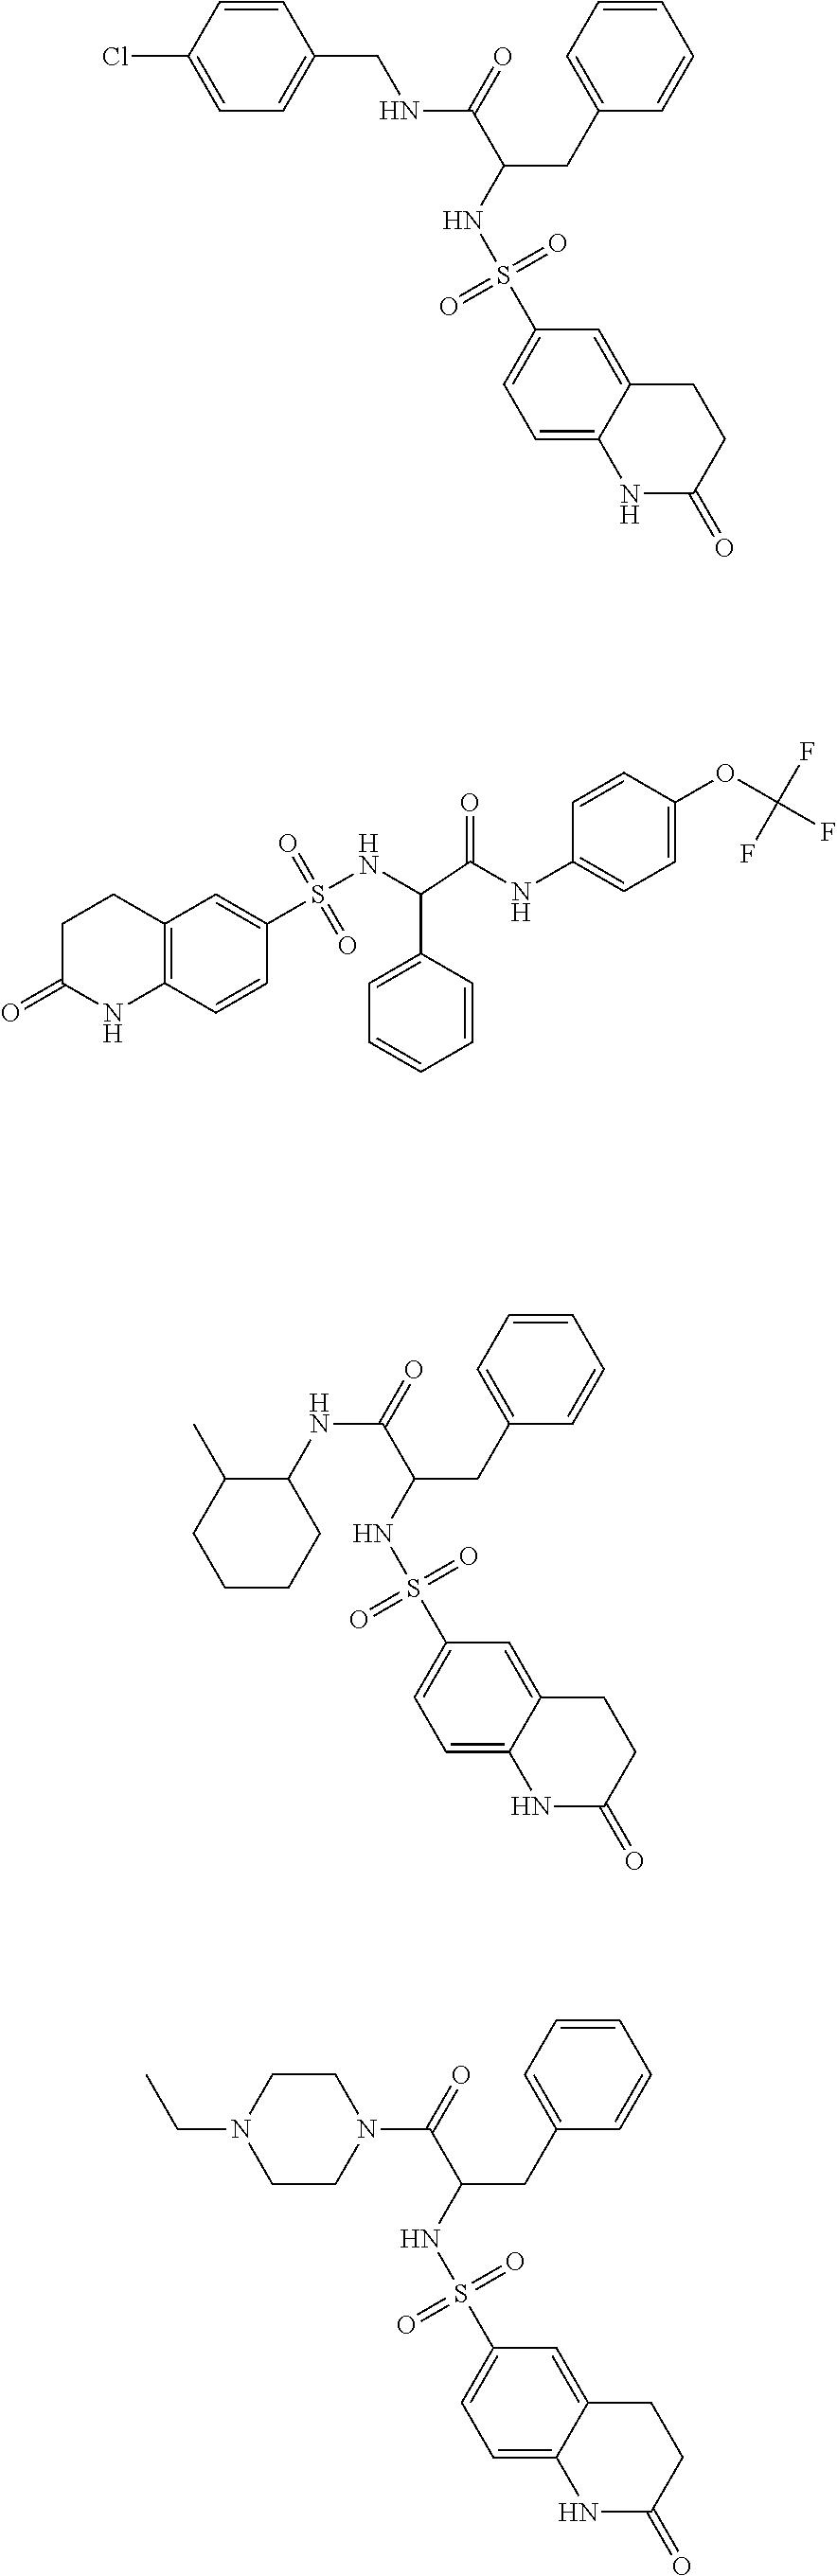 Figure US08957075-20150217-C00046